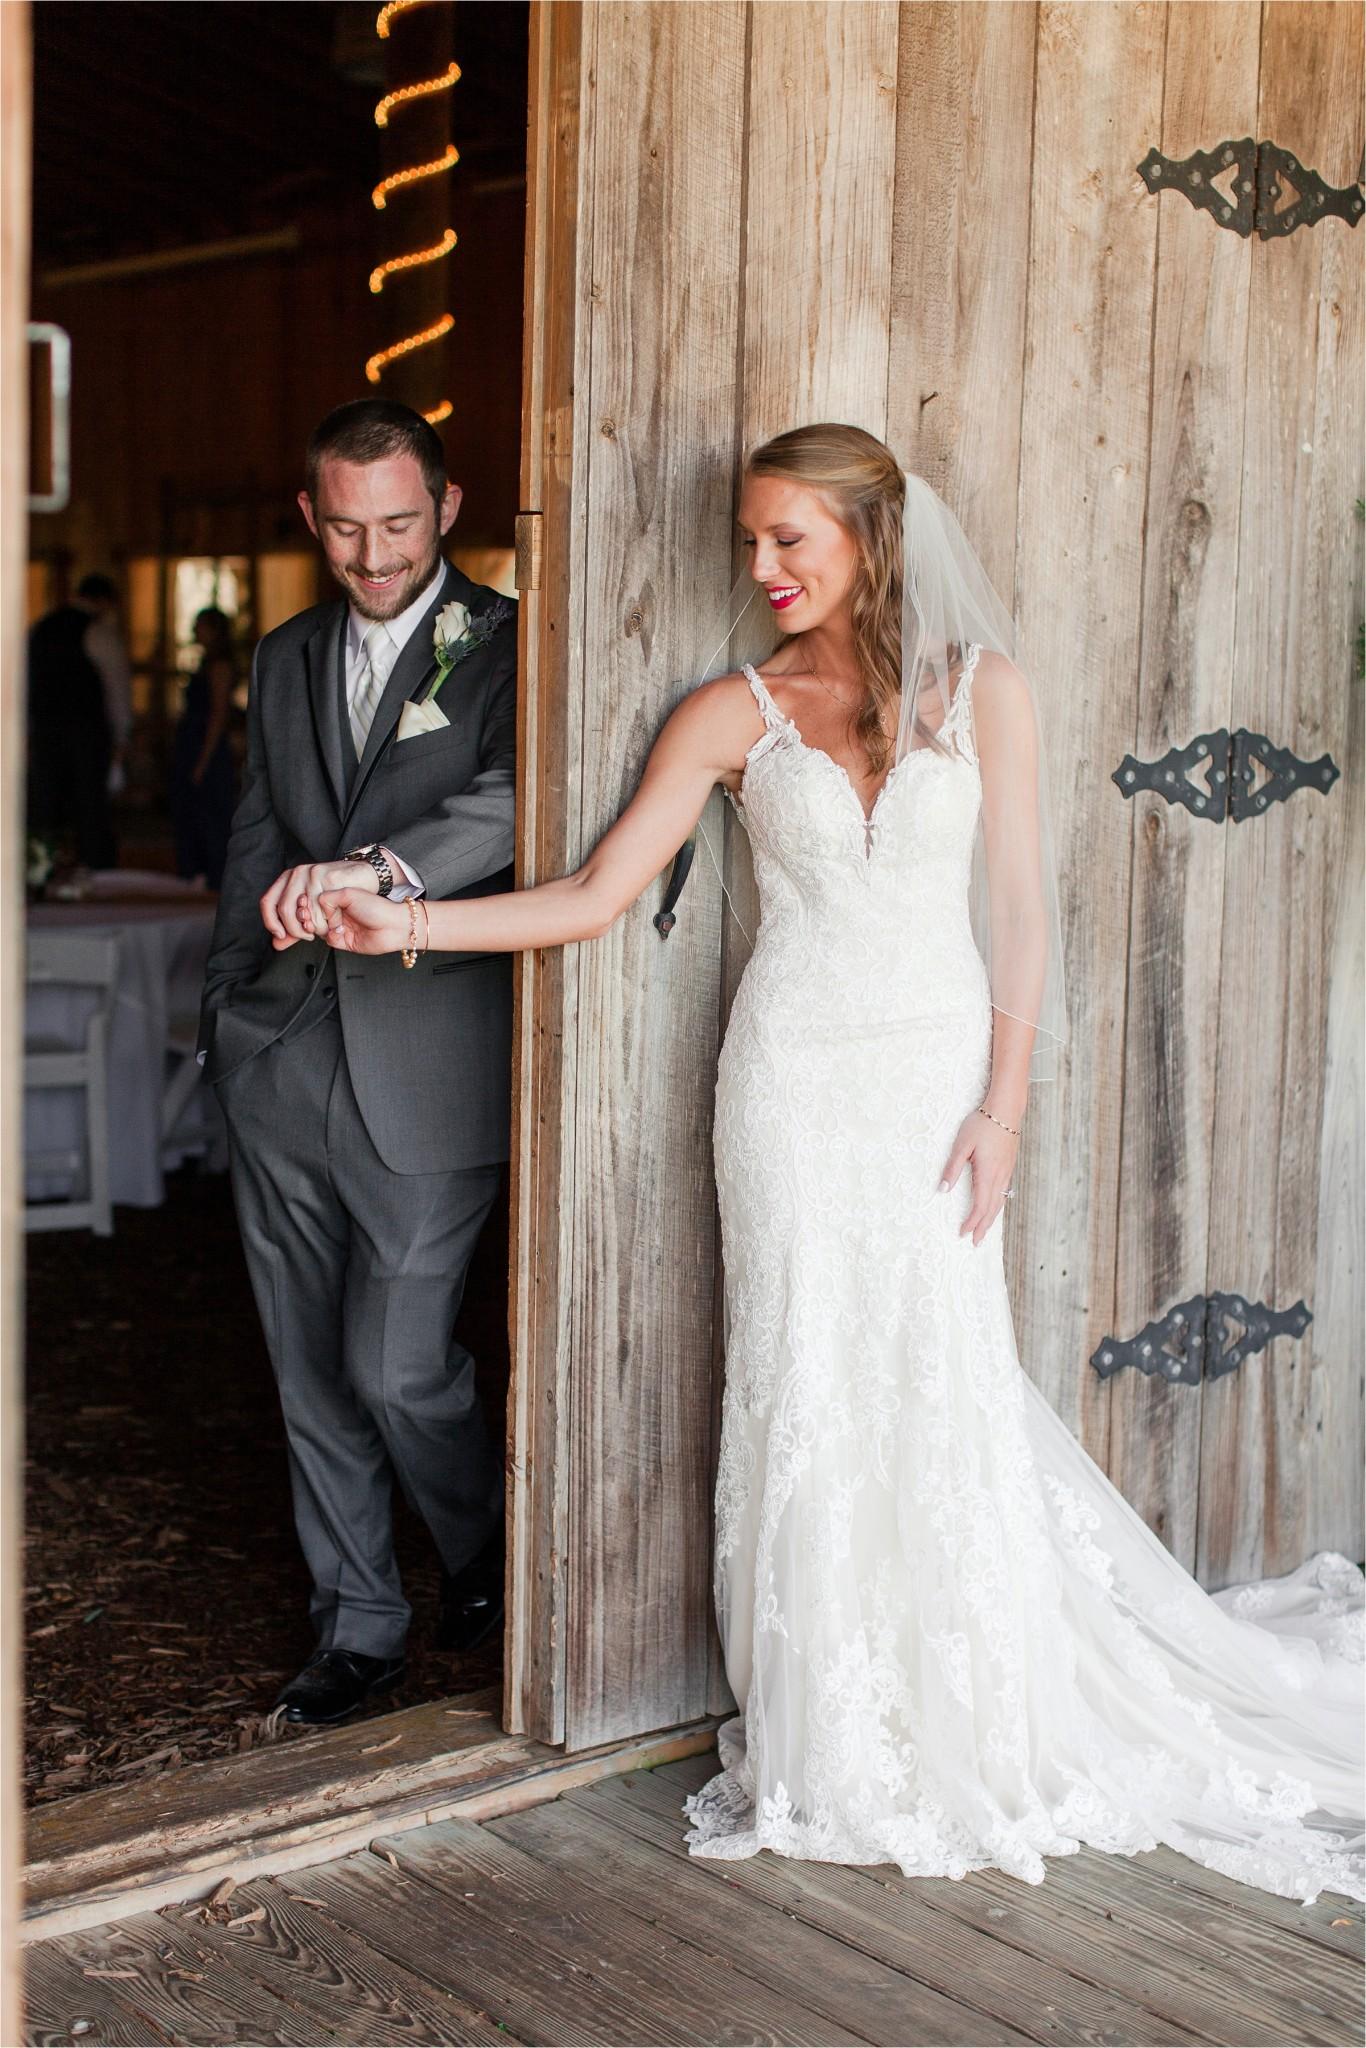 Lewis_Oak_Hollow_Wedding_Fairhope_AL_0120